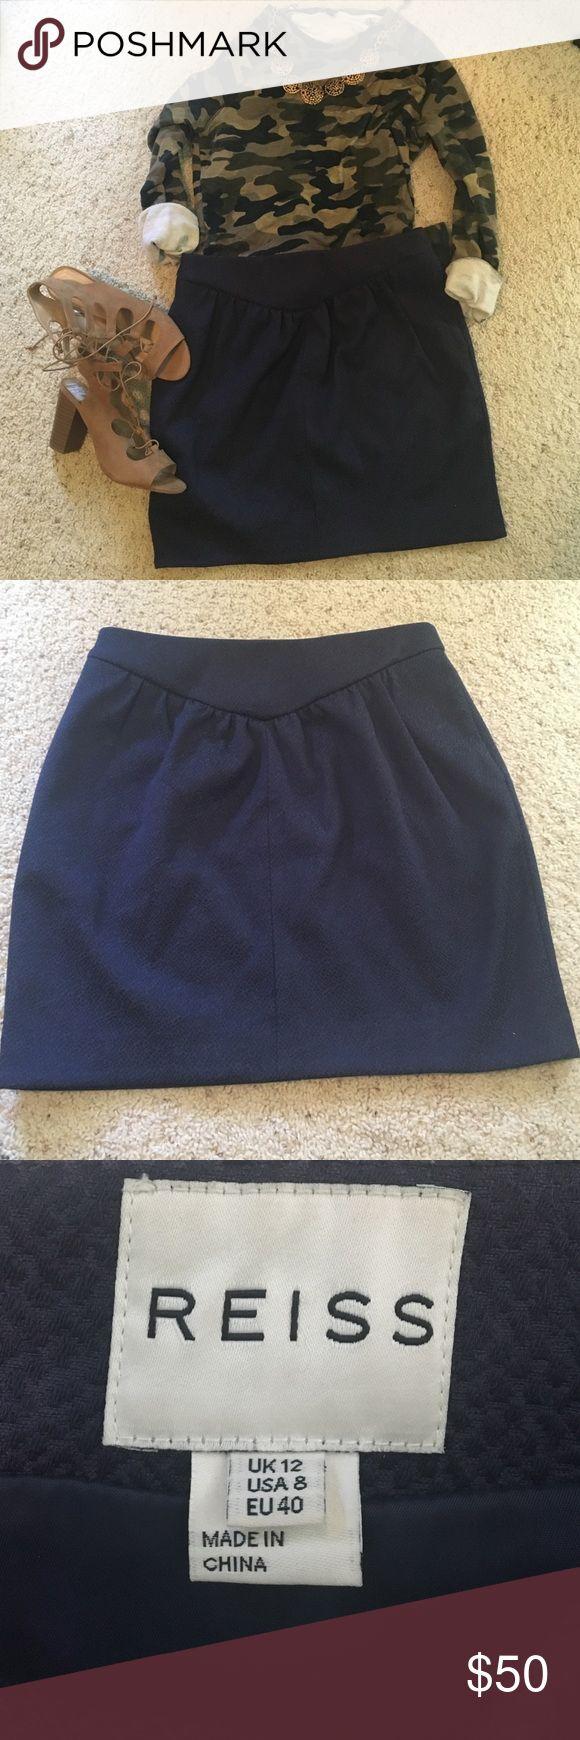 Reiss navy blue skirt Super flattering navy blue skirt. Excellent used condition Reiss Skirts Mini